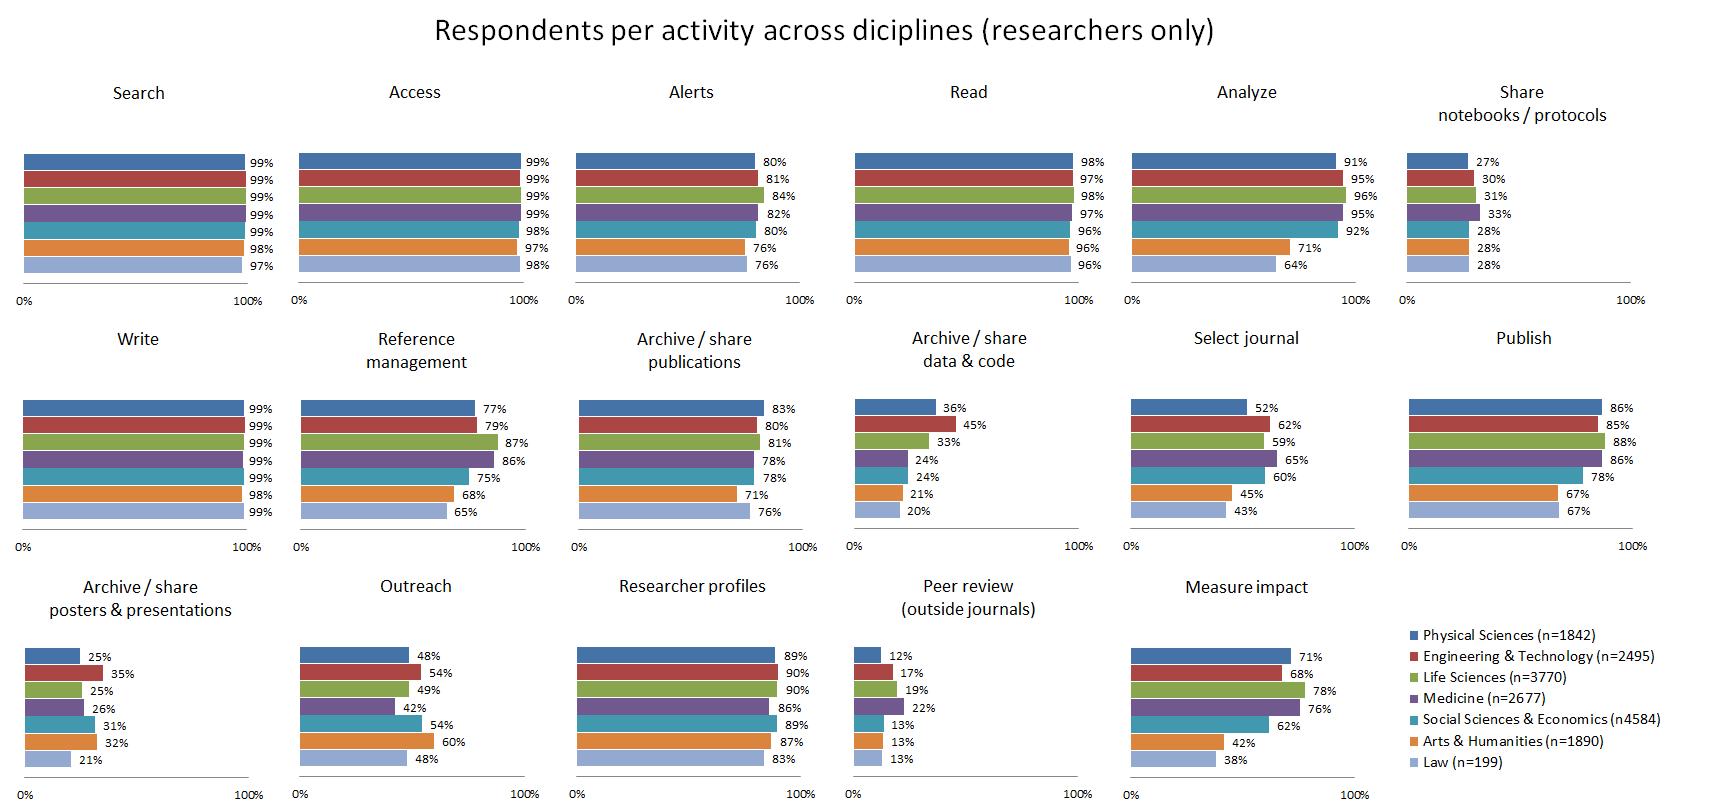 Respondents per activity per discipline (researchers)